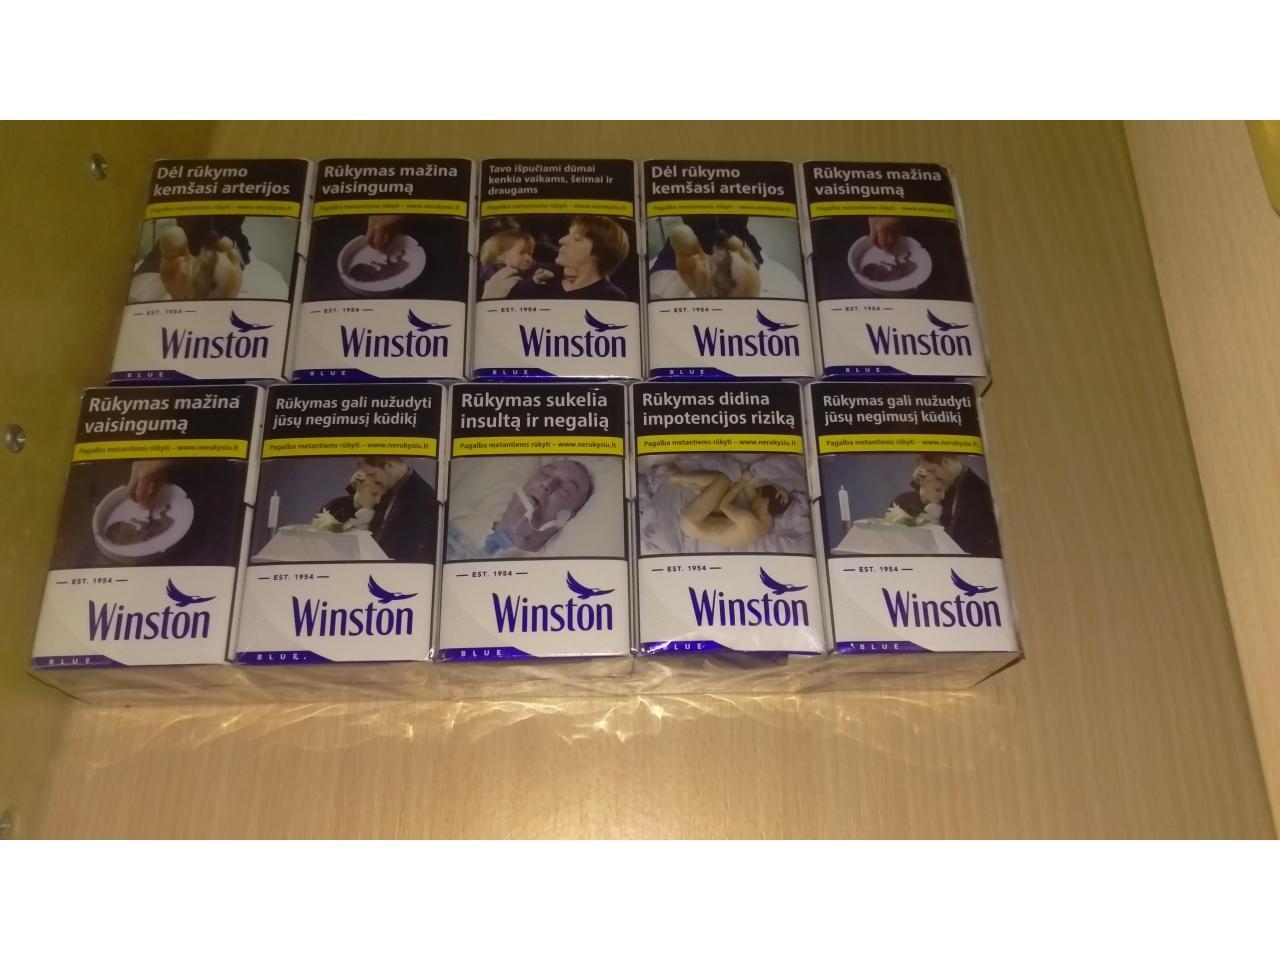 Продам сигареты в Лодоне - 1